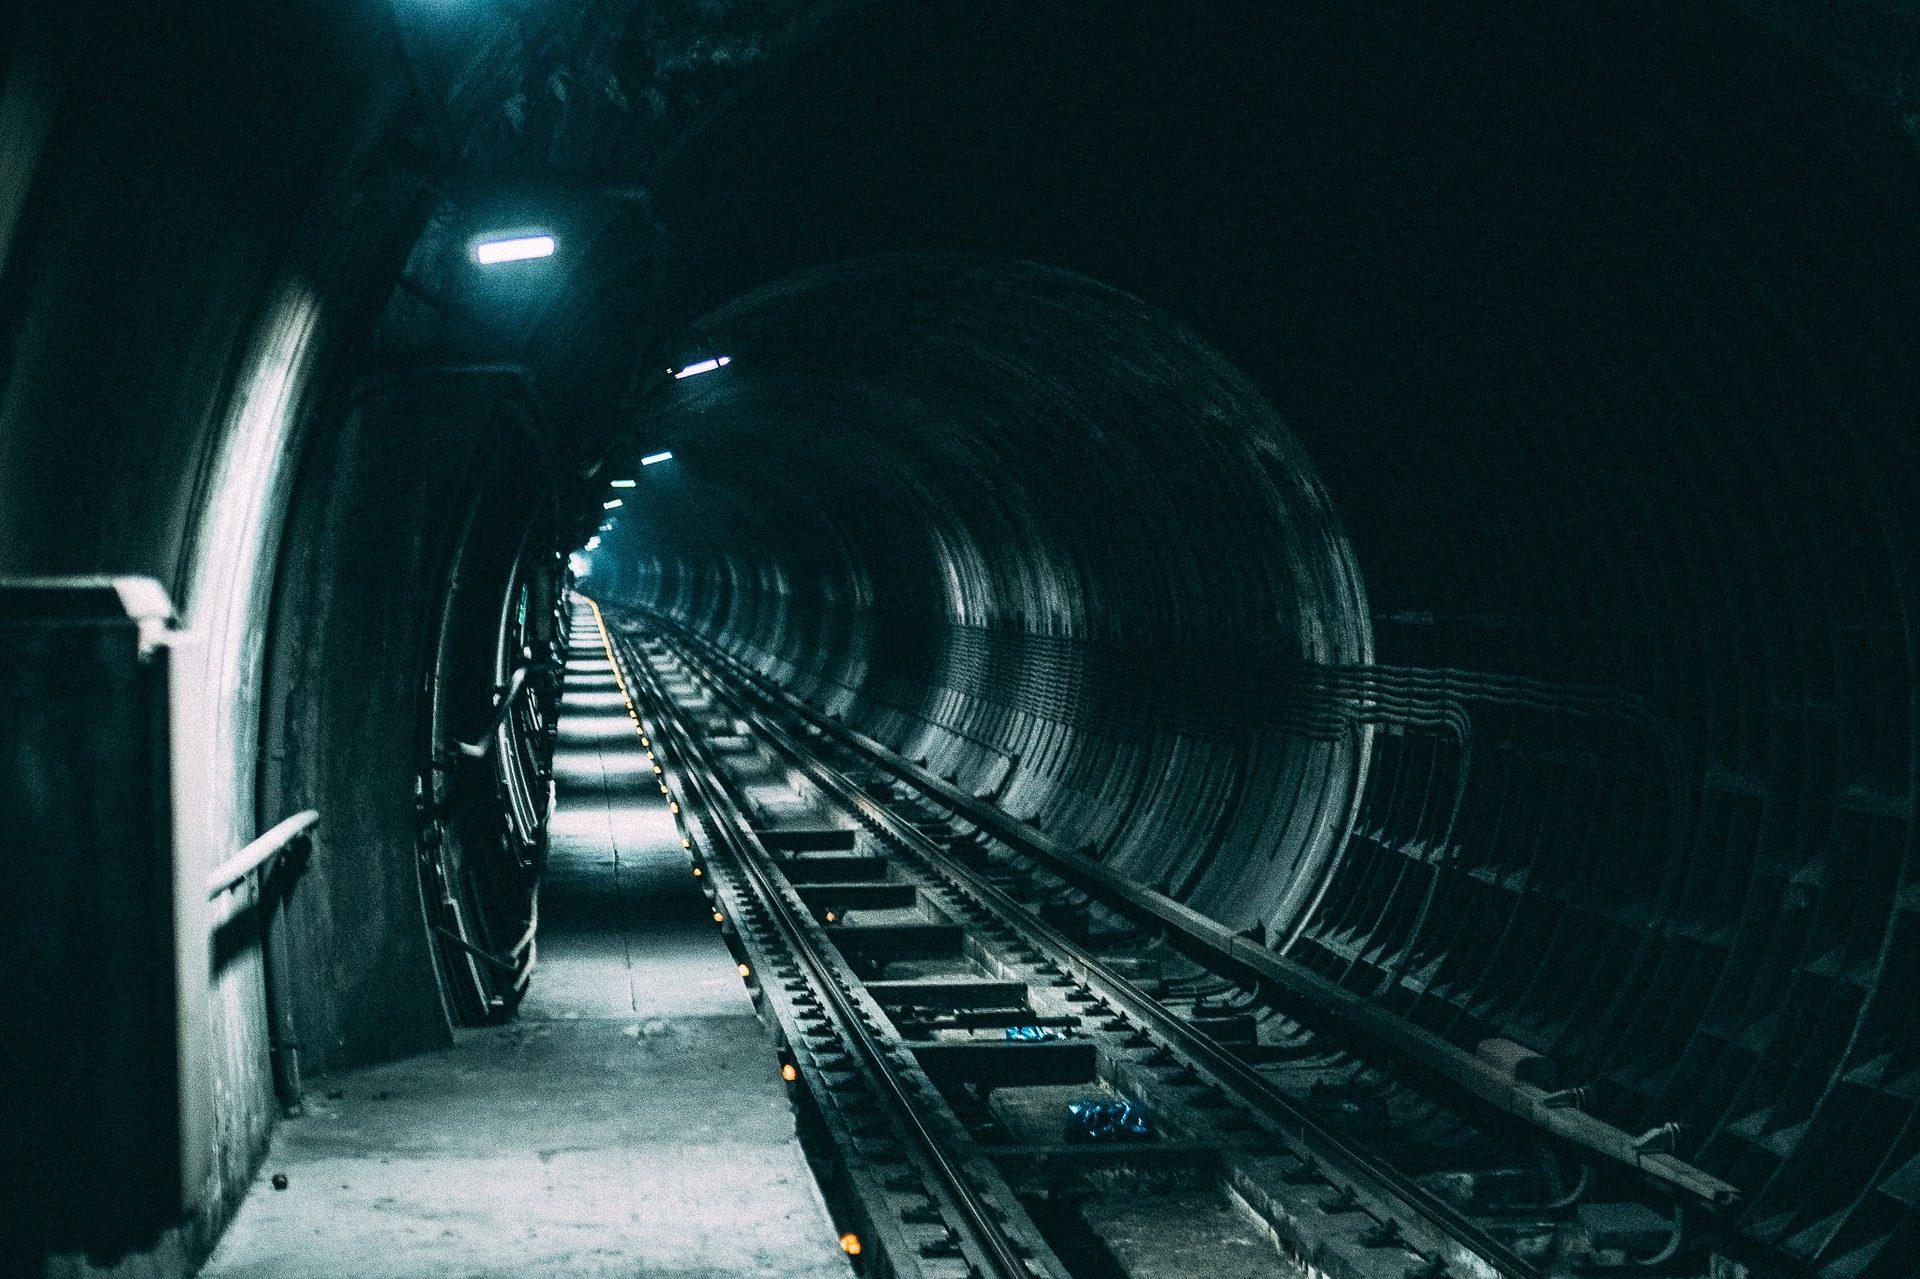 tunnel, Andén, voies, Métro, ténèbres, lumières - Fonds d'écran HD - Professor-falken.com